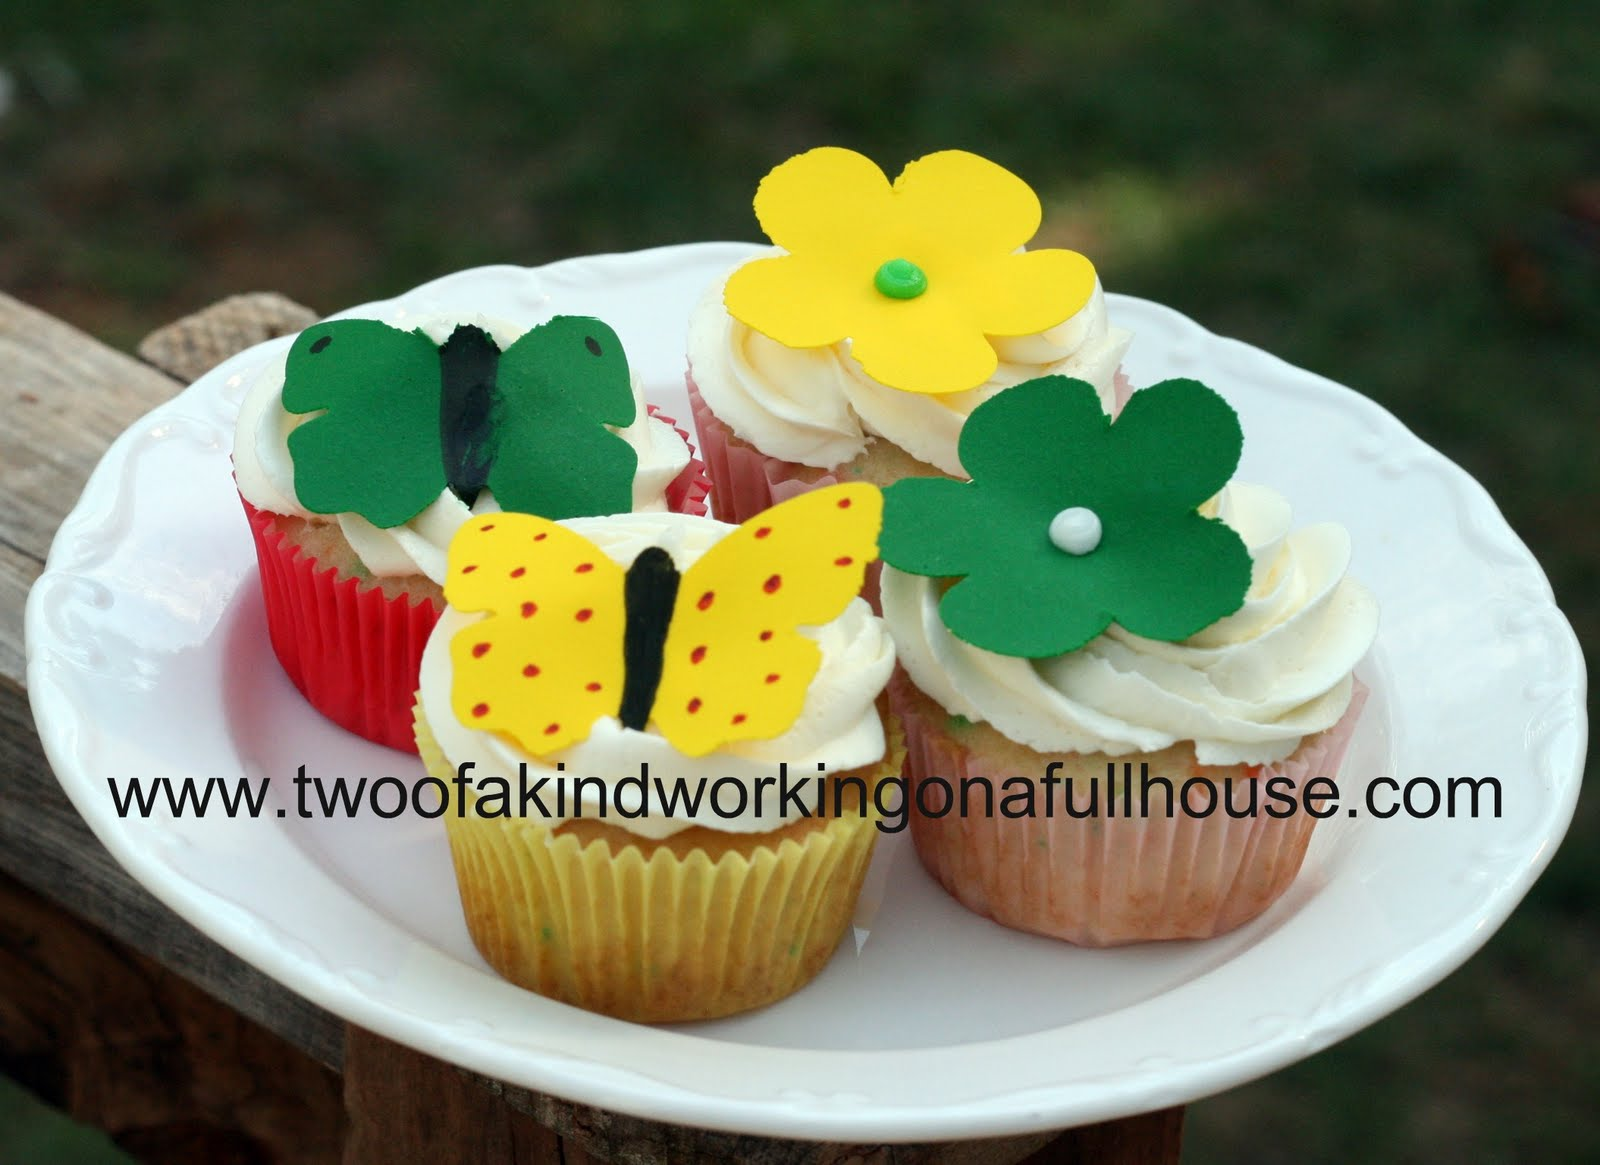 http://2.bp.blogspot.com/-lt4htmg3zHU/TdUlqPAWvyI/AAAAAAAAFKQ/02iADGfrjdQ/s1600/cupcakes.jpg